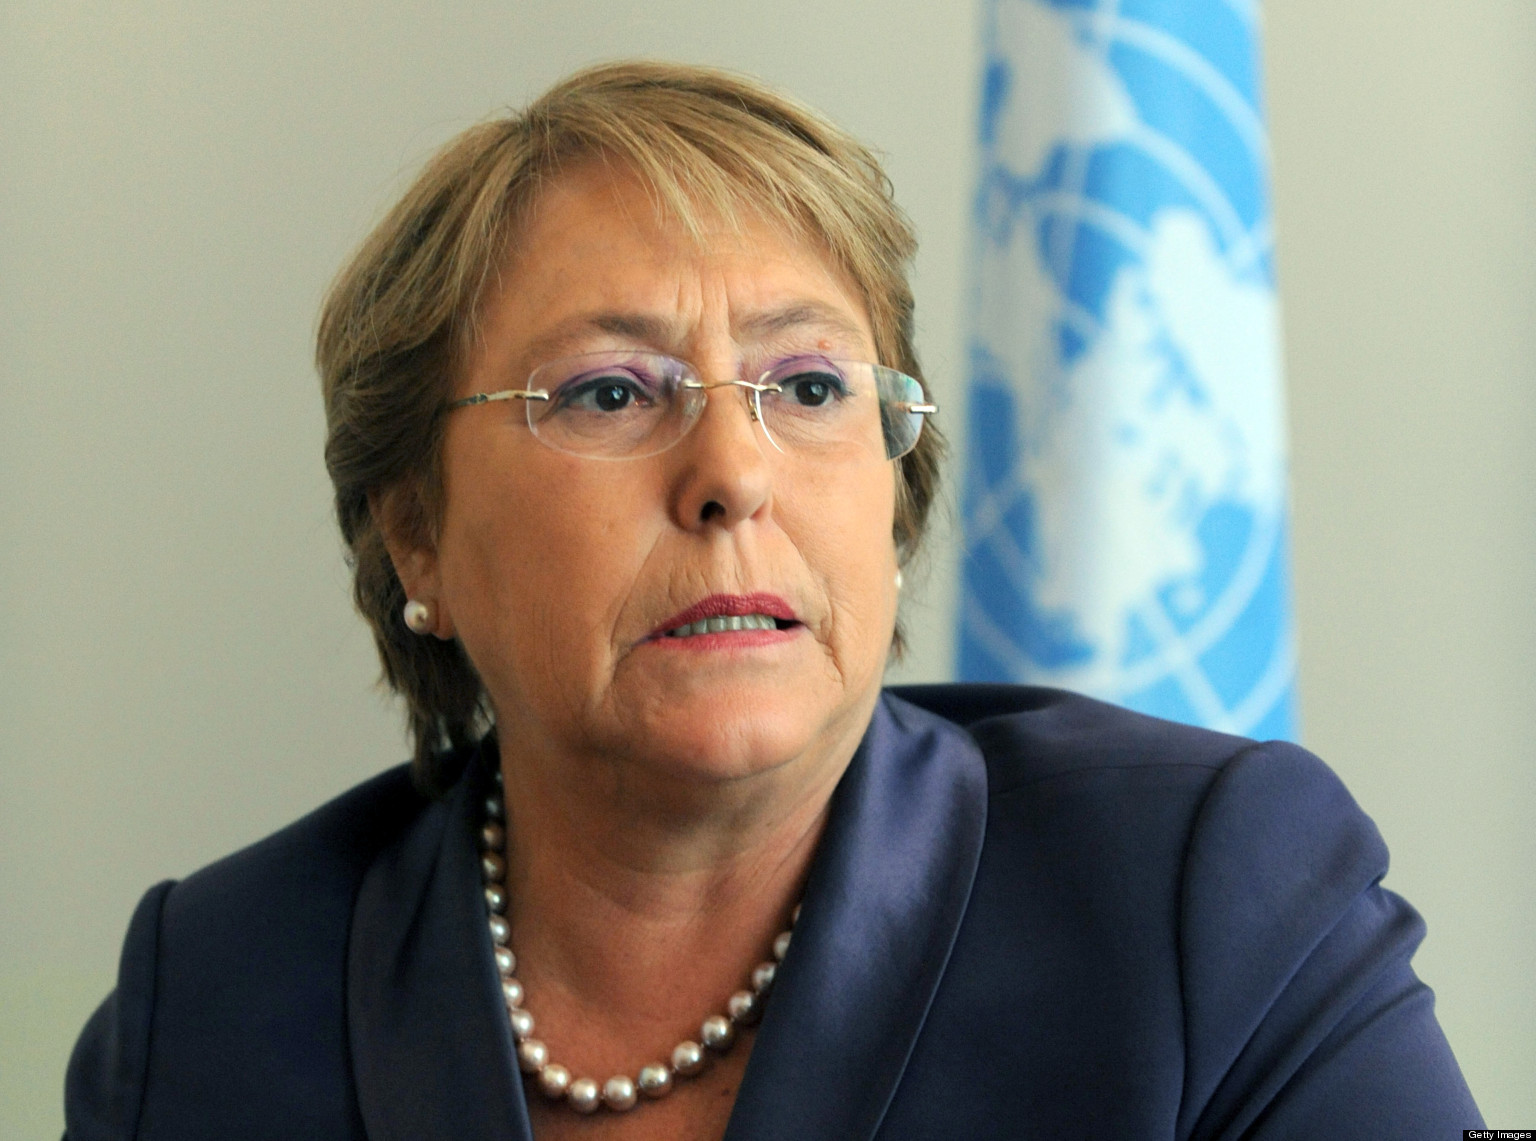 Afirmación brutal y antidemocrática de la chilena Bachelet: nadie puede derrocar a un presidente elegido democráticamente